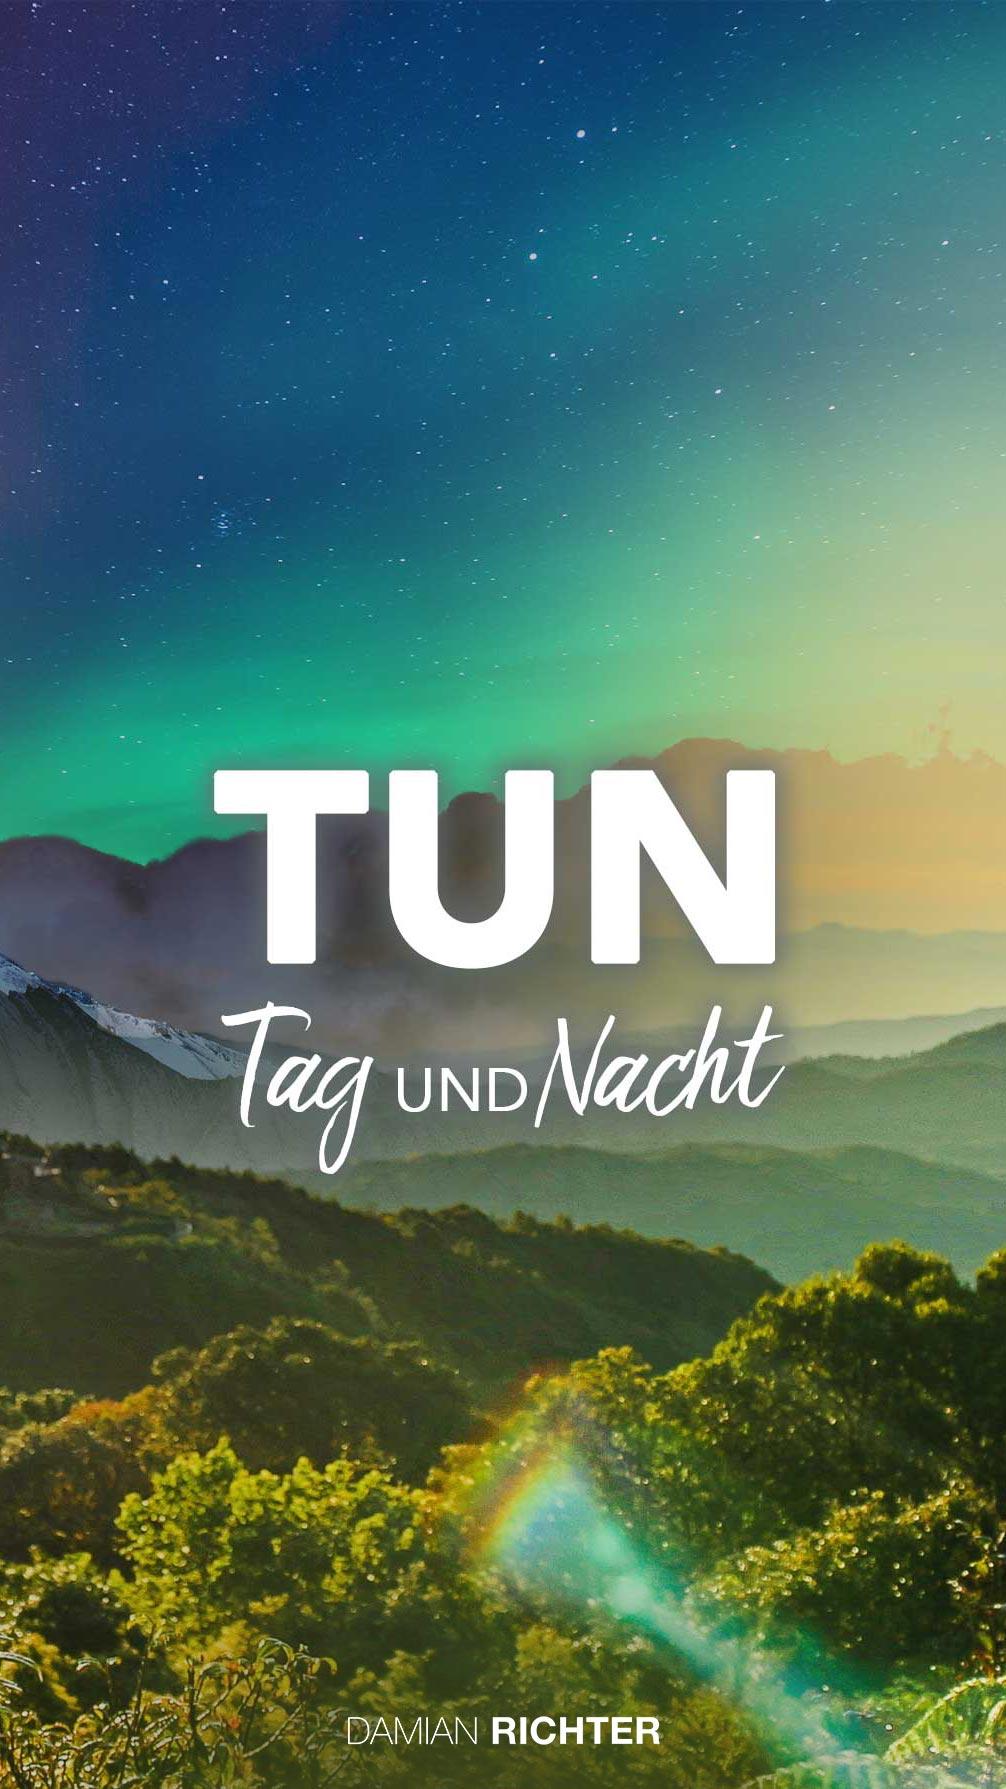 TUN - Tag und Nacht